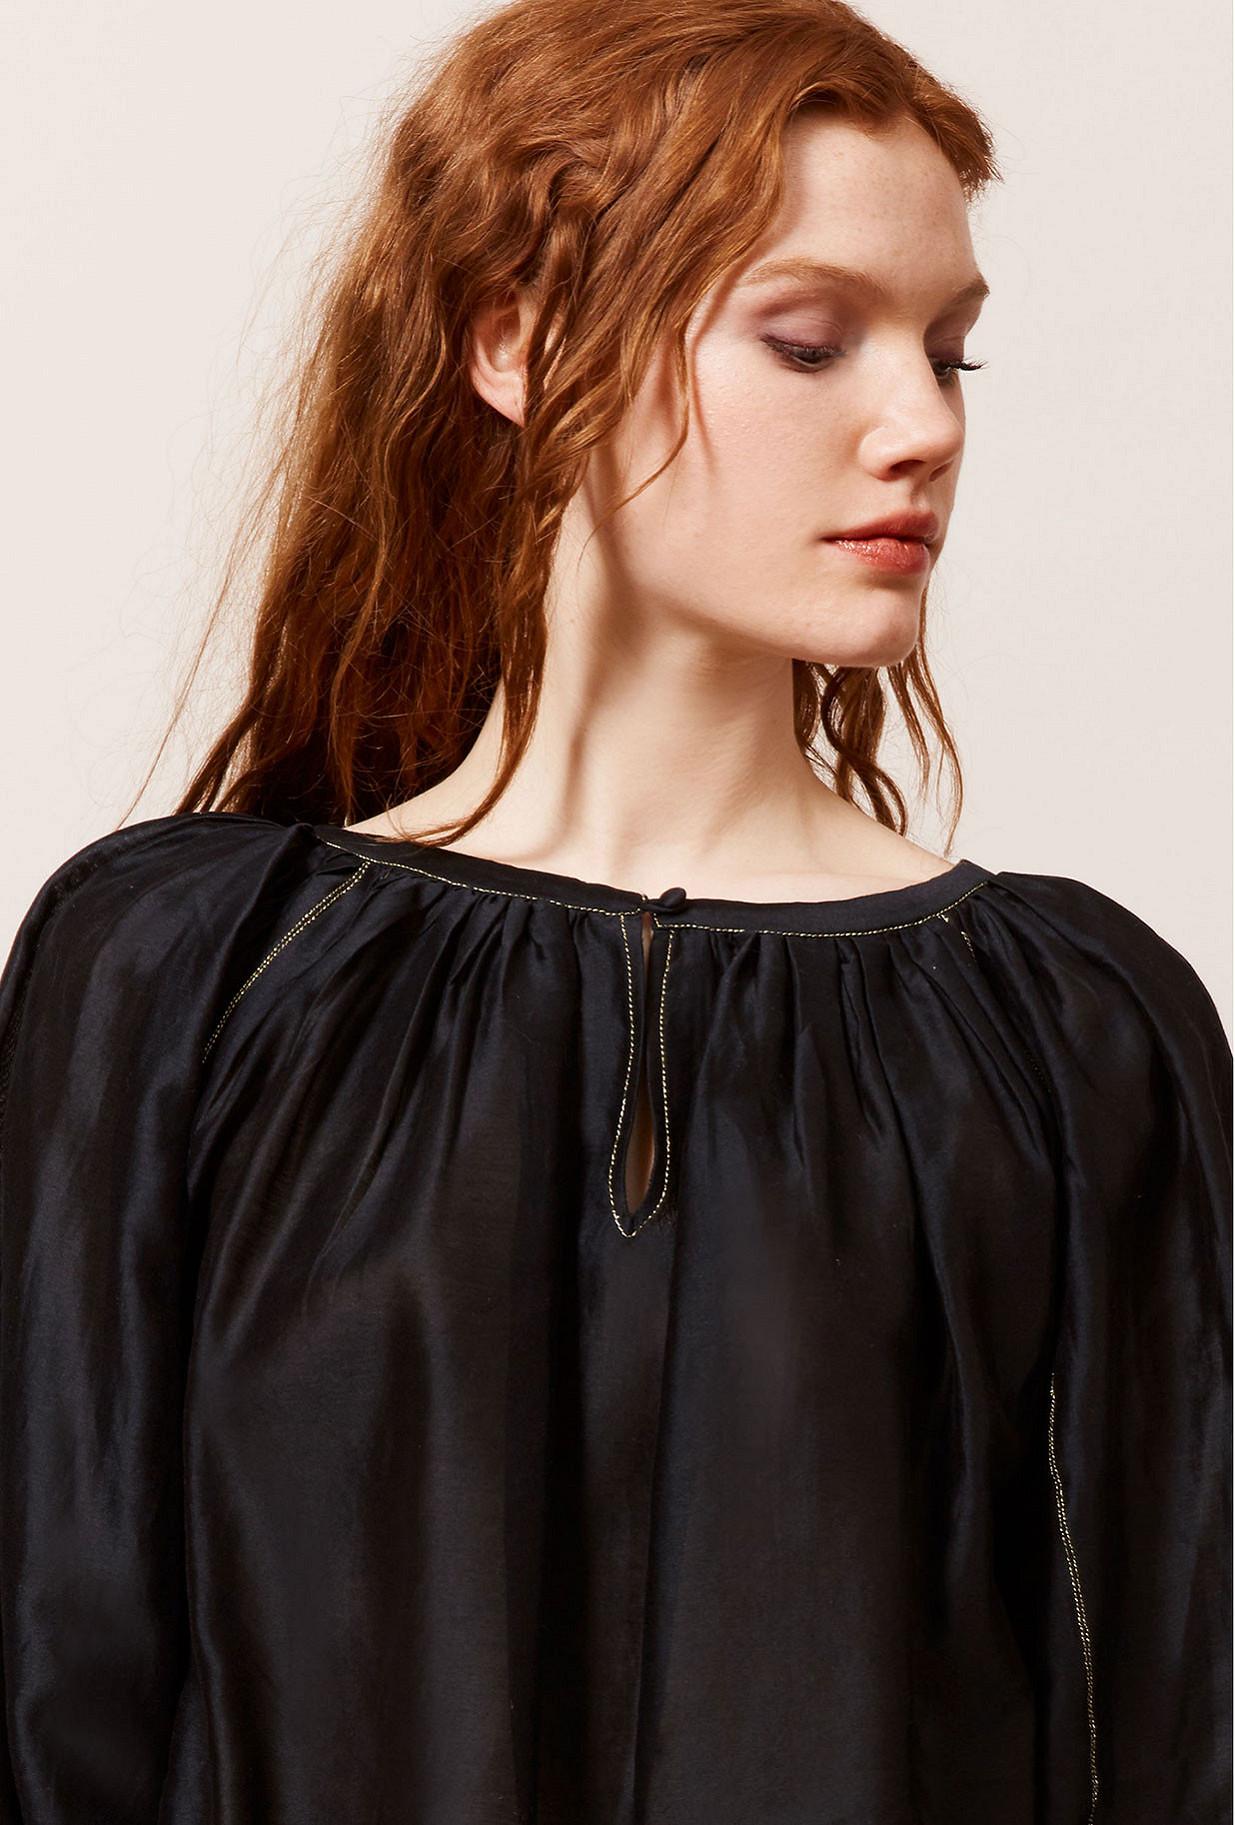 Paris boutique de mode vêtement Blouse créateur bohème Onagre